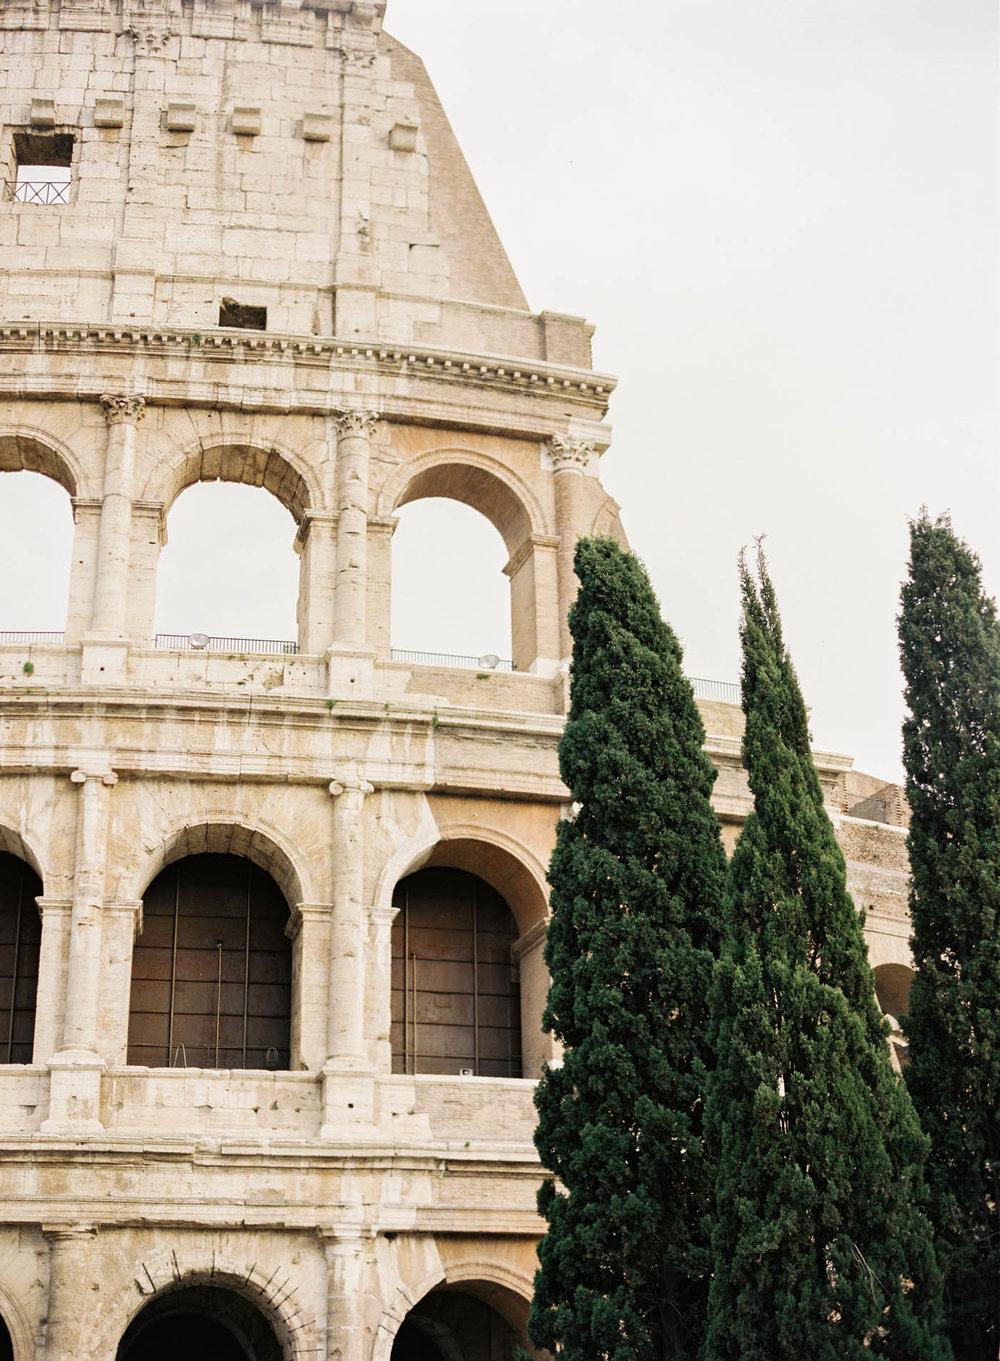 Rome_Travel-8-Jen_Huang-007324-R1-014.jpg